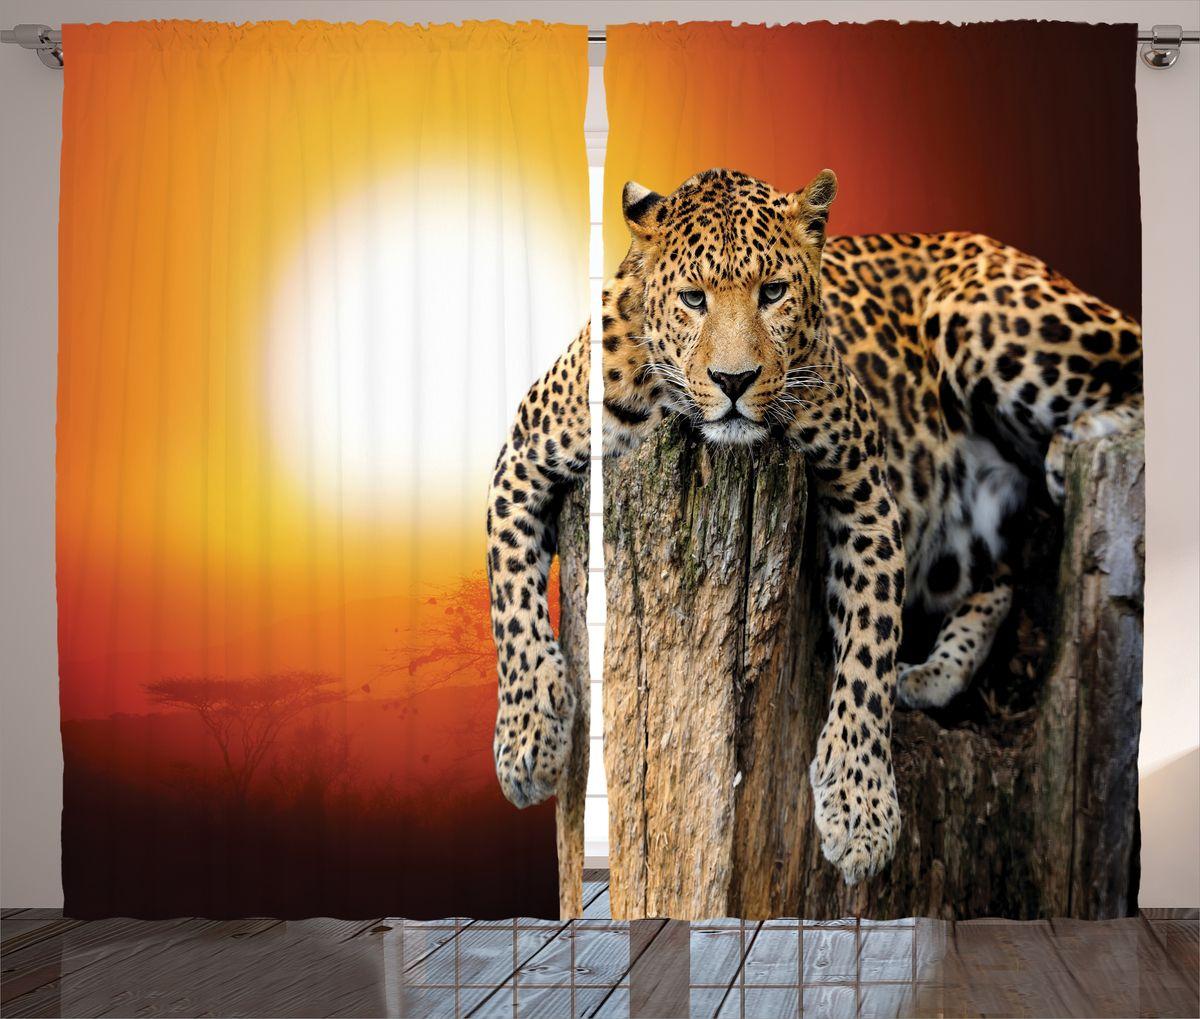 Комплект фотоштор Magic Lady, на ленте, высота 265 см. шсг_16487шсг_16487Роскошный комплект фотоштор Magic Lady, выполненный из высококачественного сатена (полиэстер 100%), великолепно украсит любое окно. При изготовлении используются специальные гипоаллергенные чернила. Комплект состоит из двух фотоштор и декорирован изящным рисунком. Оригинальный дизайн и цветовая гамма привлекут к себе внимание и органично впишутся в интерьер комнаты. Крепление на карниз при помощи шторной ленты на крючки.